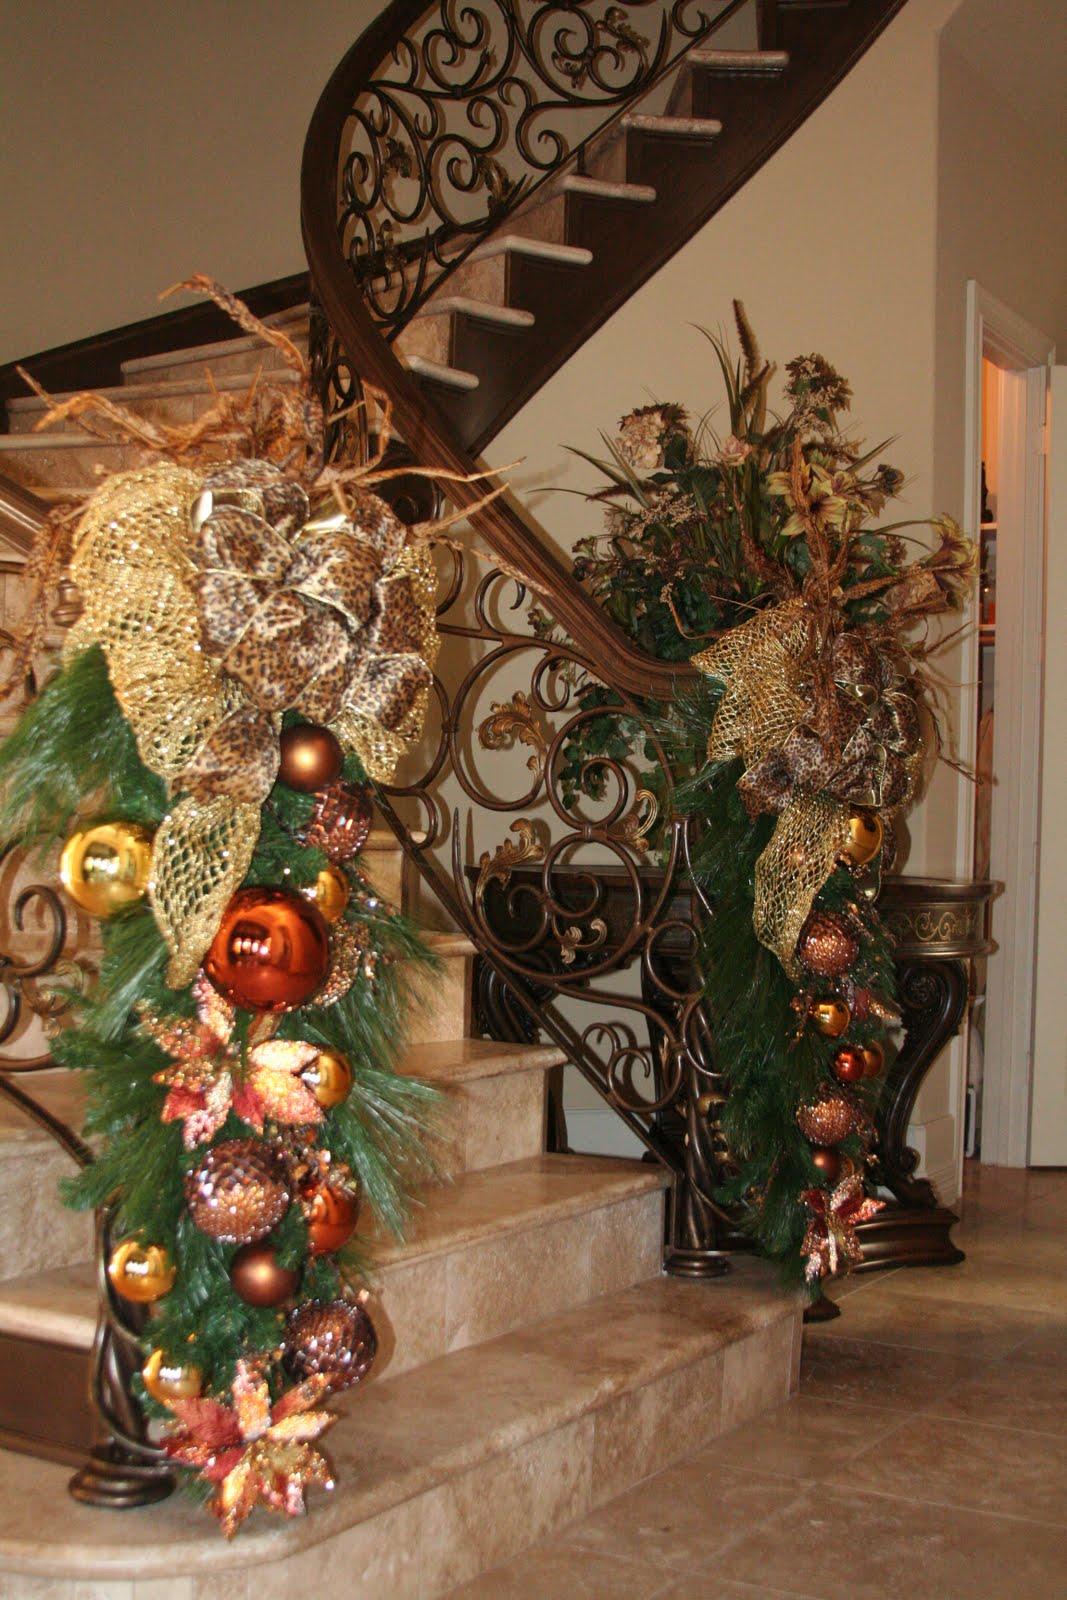 Christmas Staircase Decor on Pinterest | Christmas ...